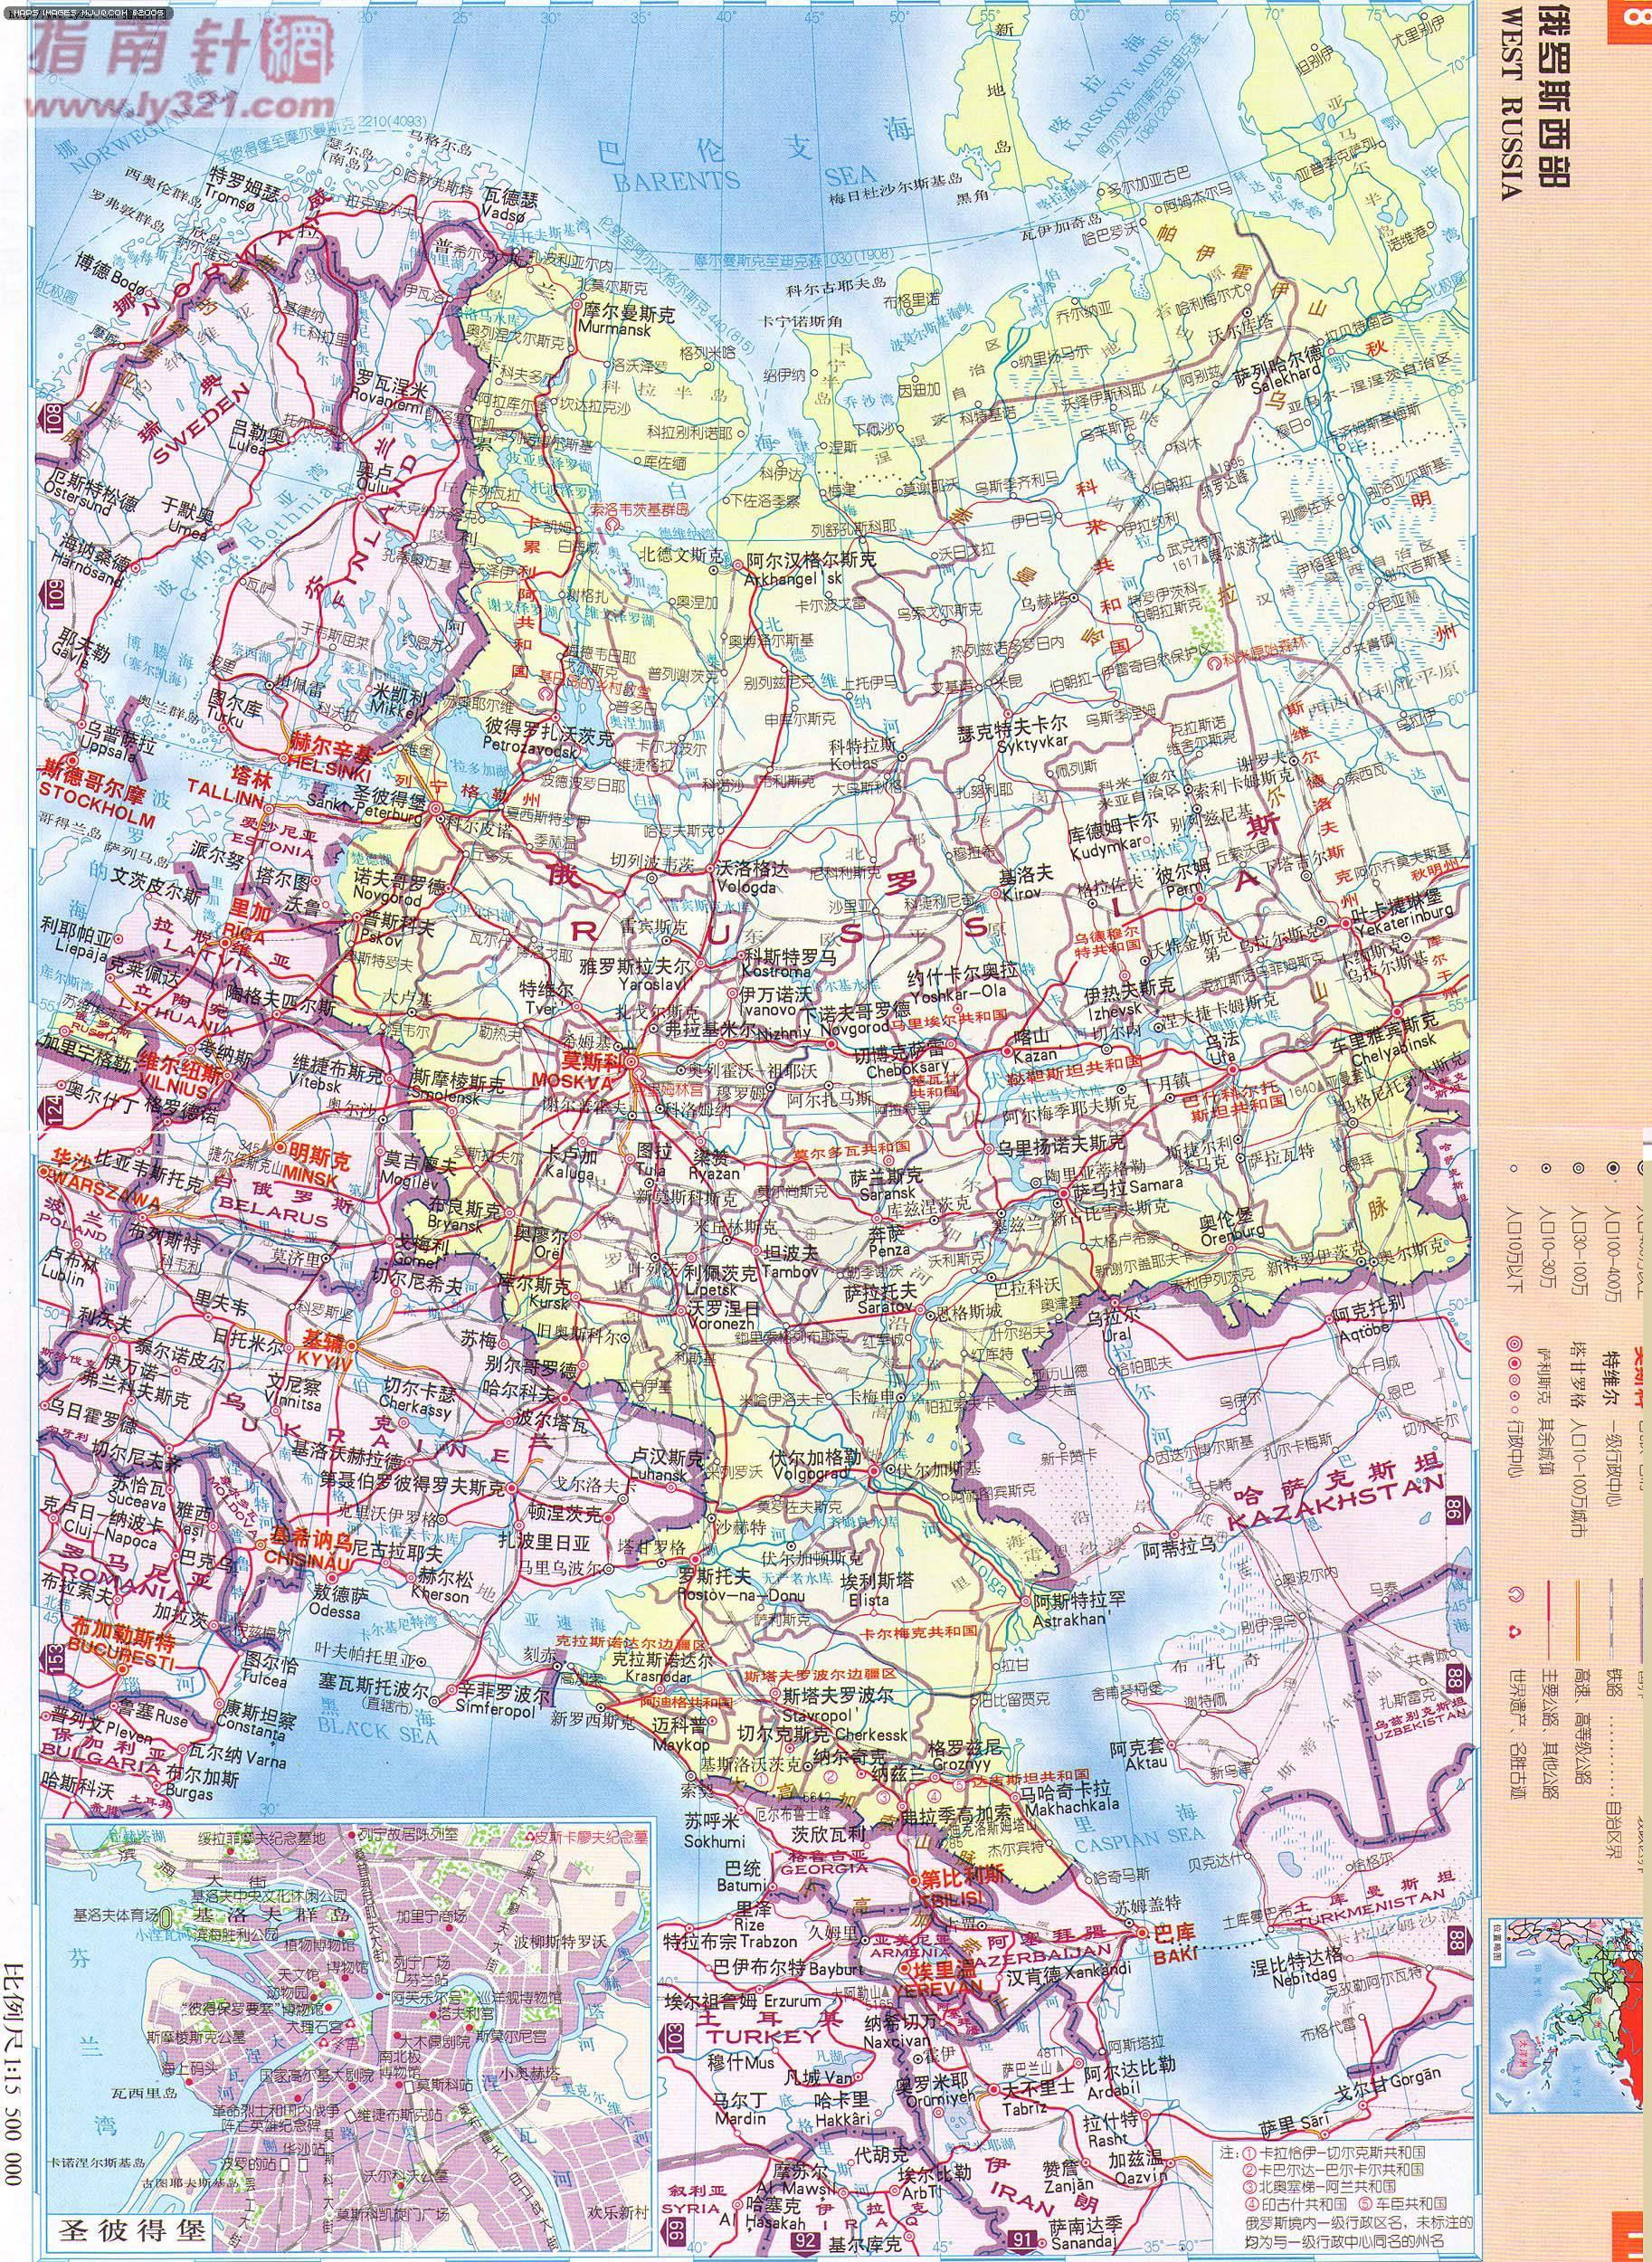 俄罗斯西部地图 - 欧洲地图 europe maps.世界地图- 美景旅游网